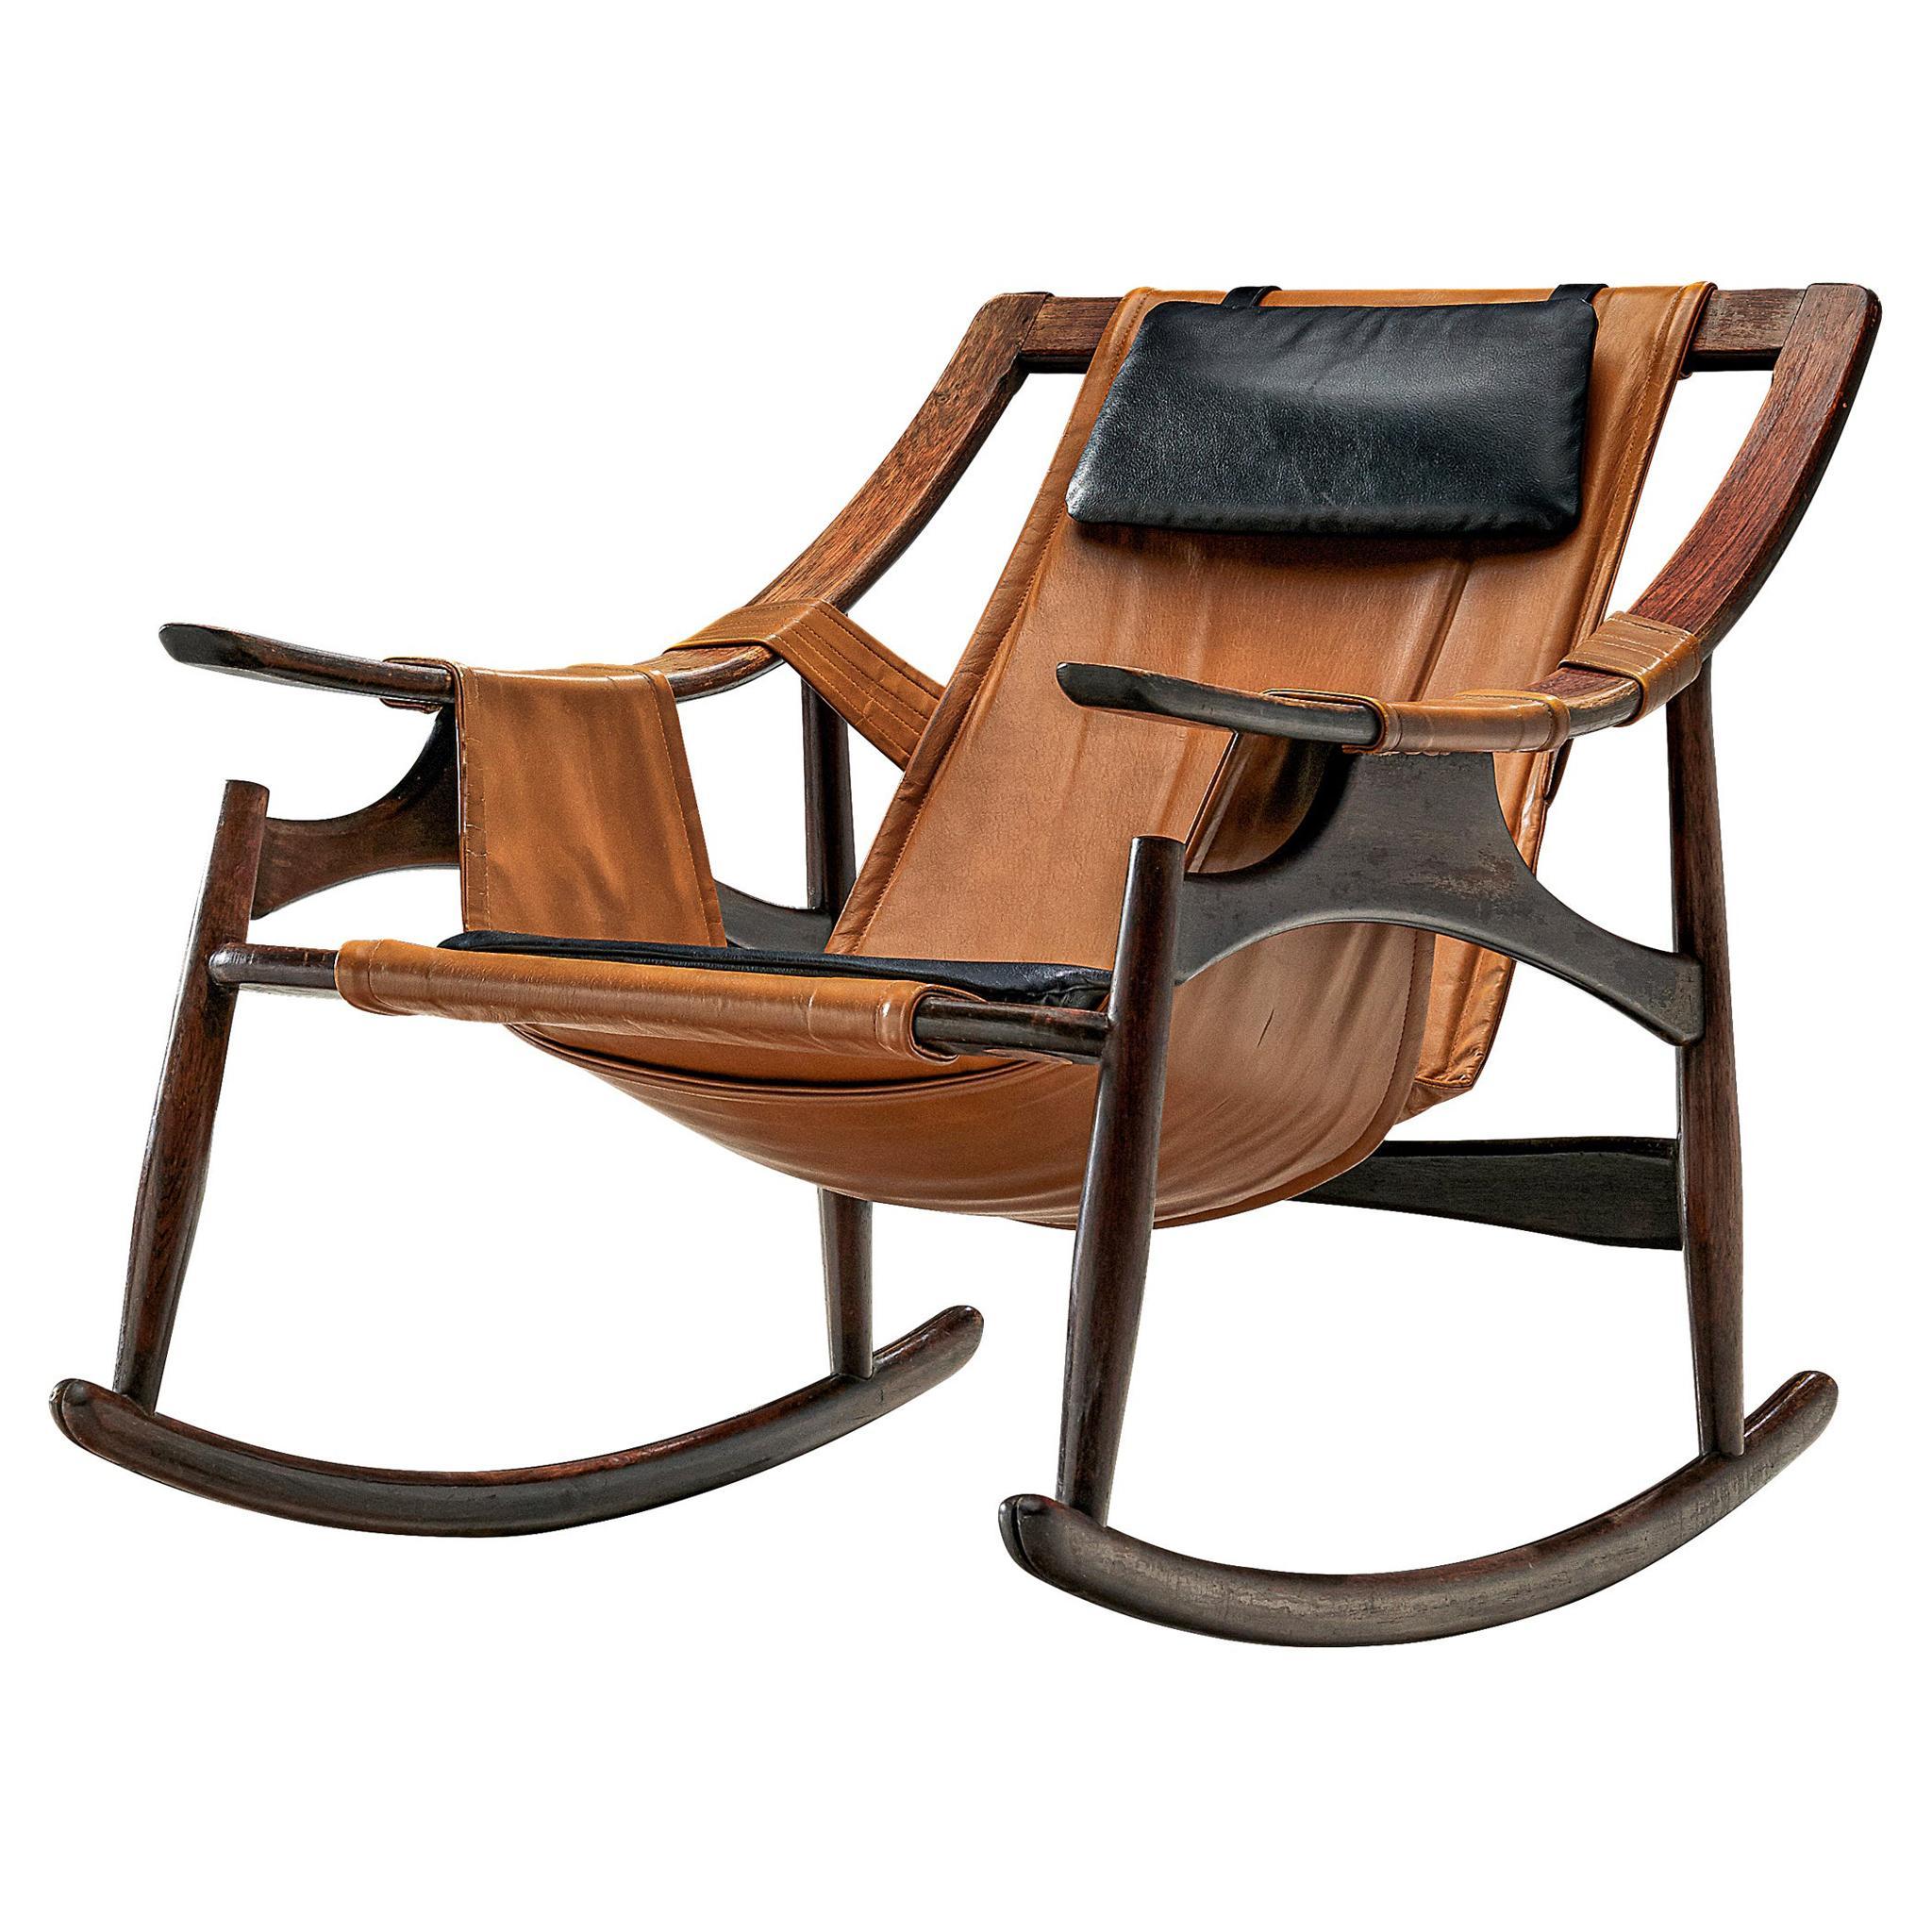 Brazilian Rocking Chair by Liceu de Artes e Oficios